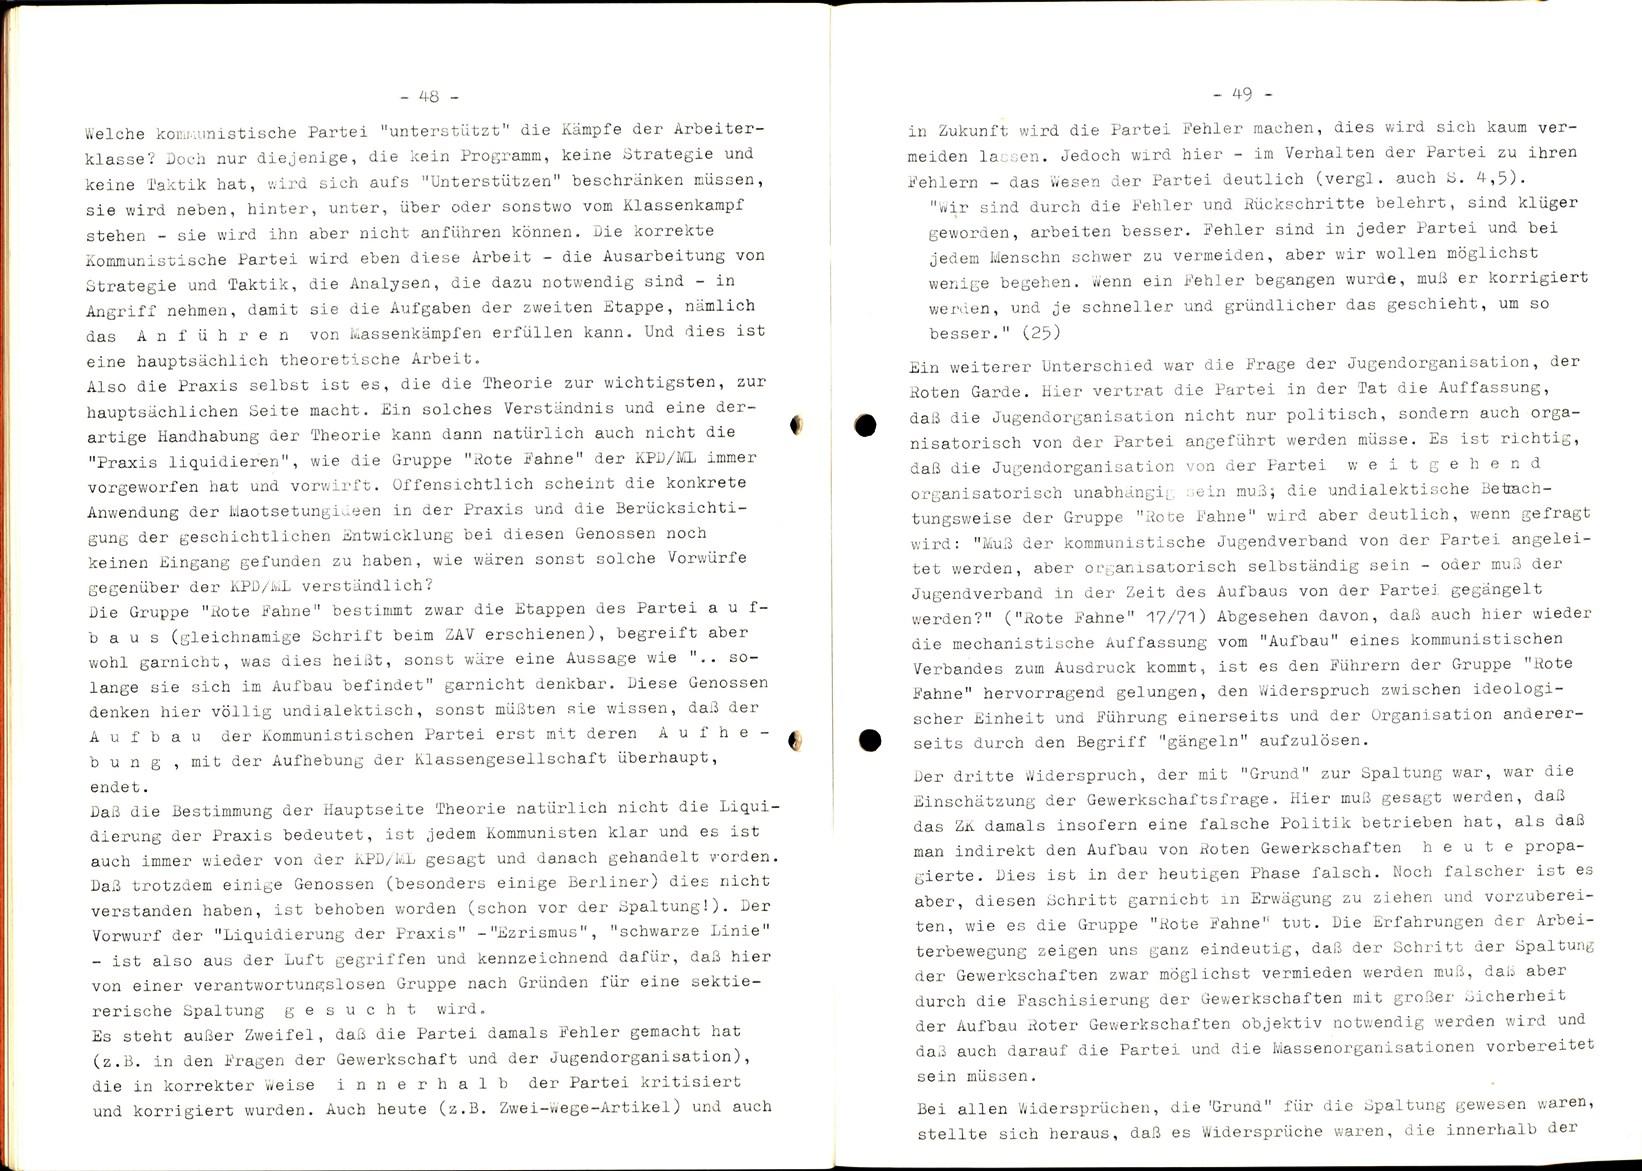 Aachen_KSBML_1971_Selbstkritik_26